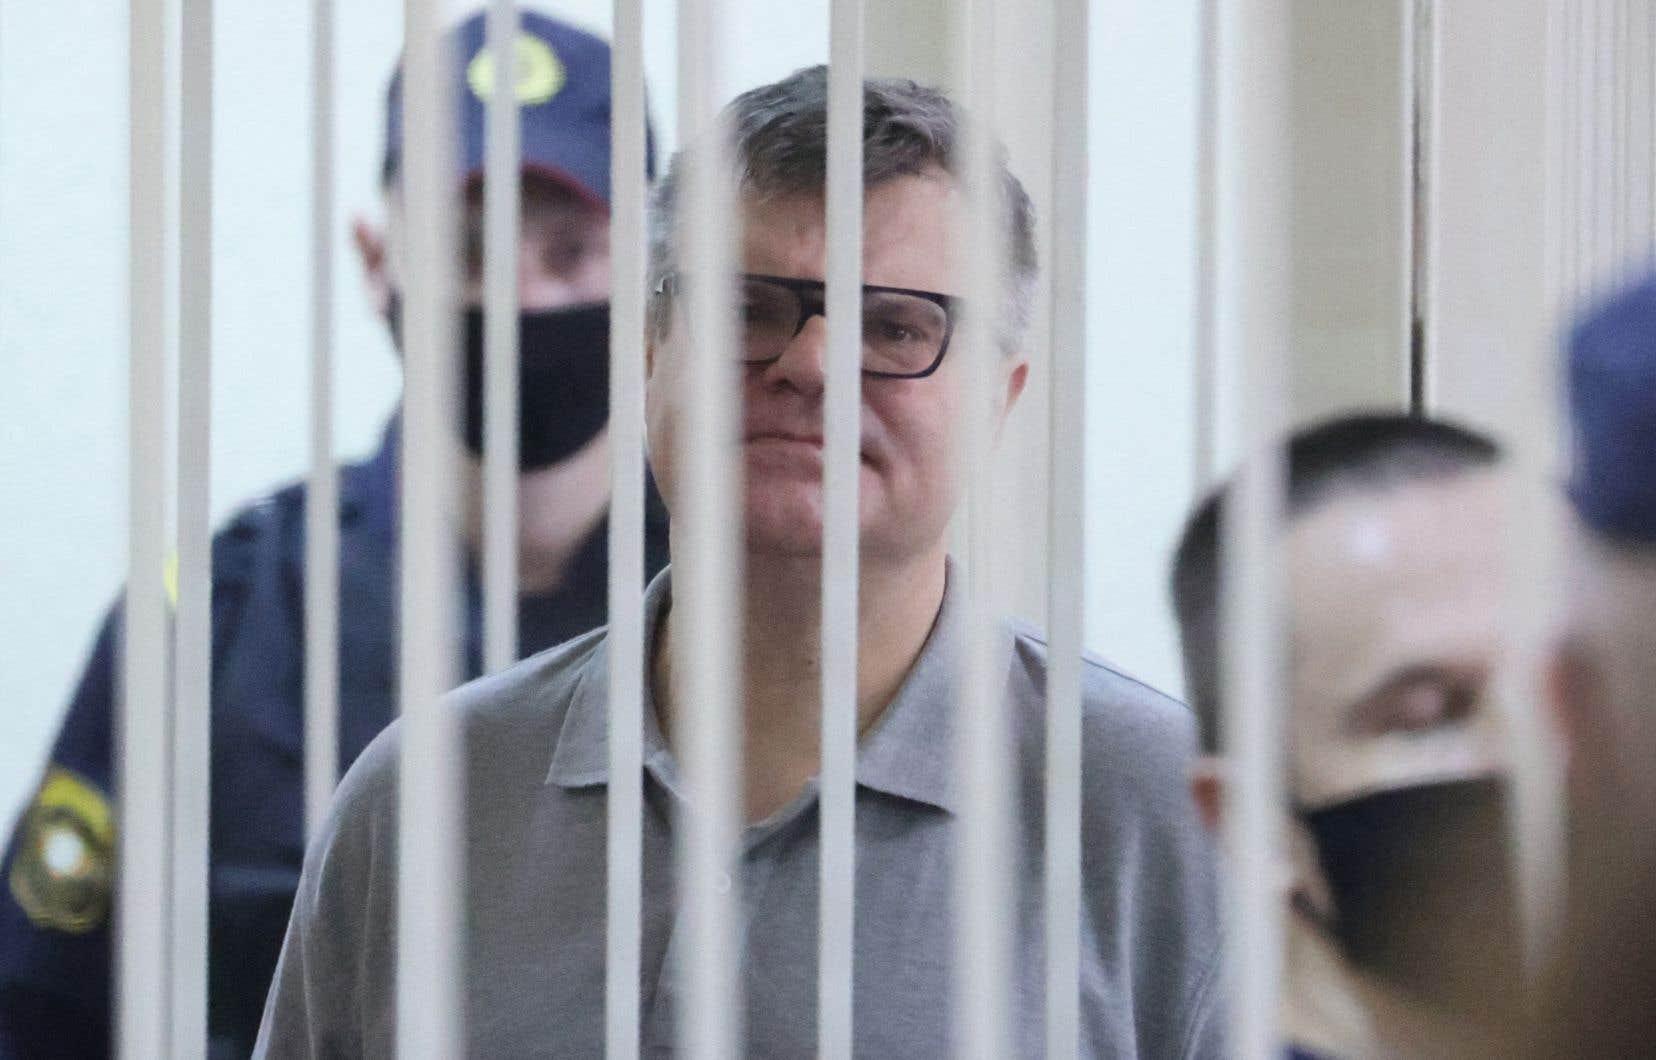 L'opposant a été condamné pour avoir reçu des pots-de-vin «en quantité importante» et pour blanchiment d'argent, selon l'ONG biélorusse Viasna.